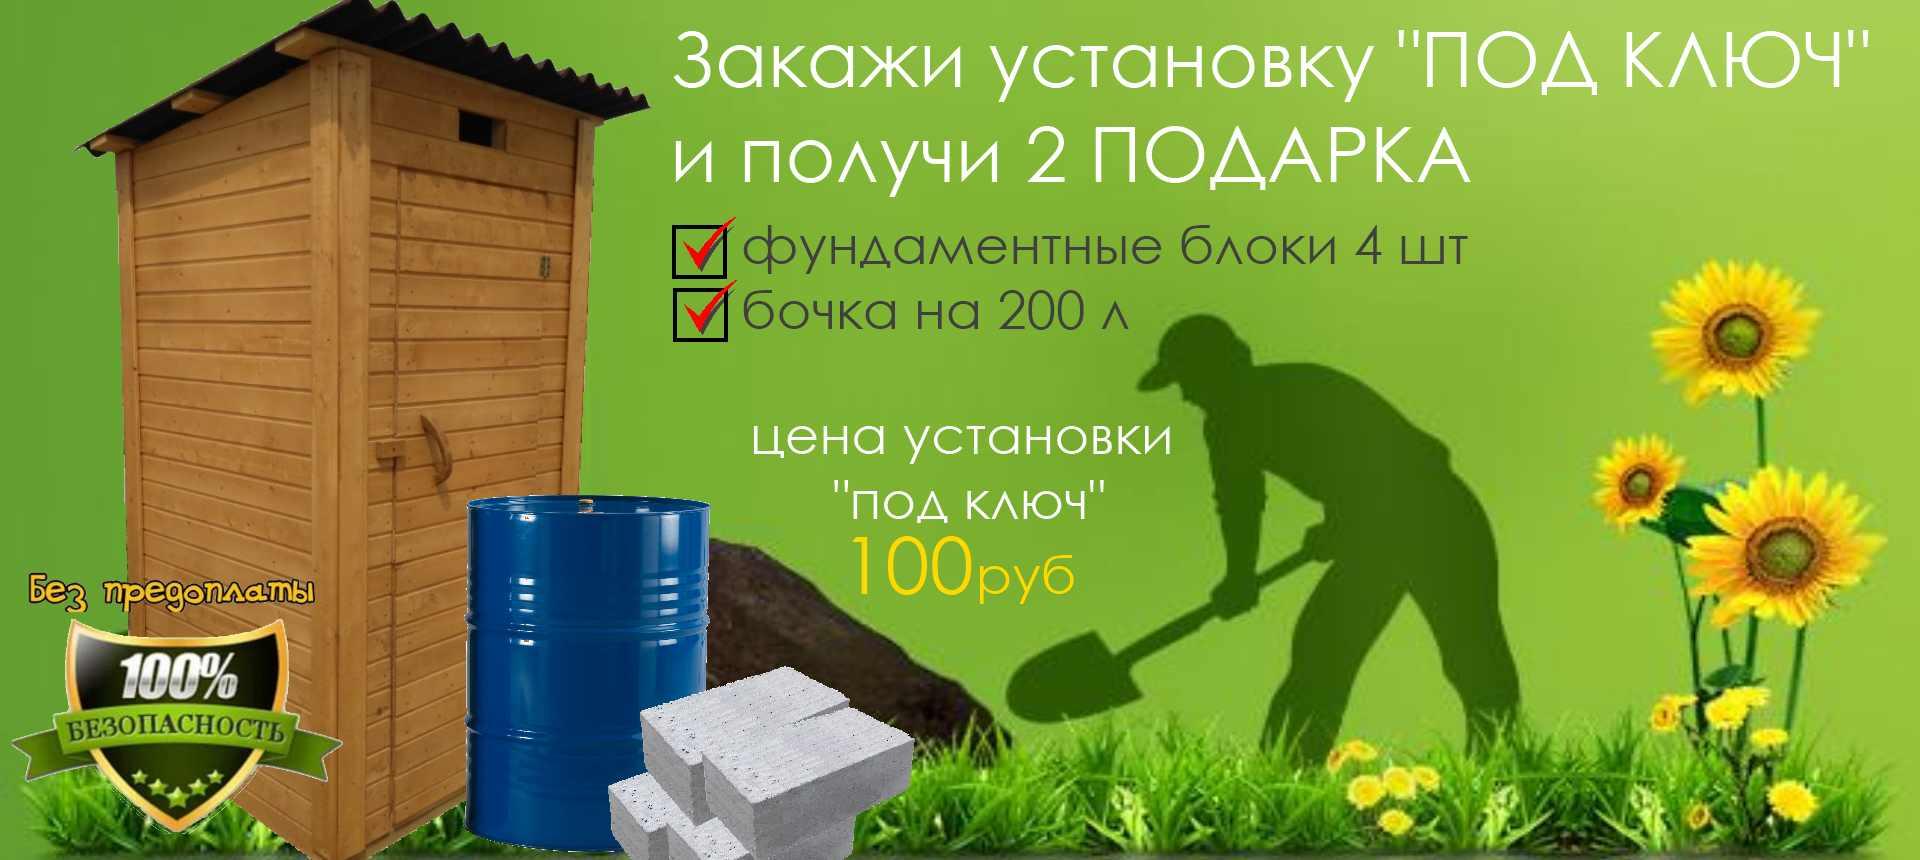 """Туалет с ямой """"под ключ"""" Минск + 2 ПОДАРКА"""